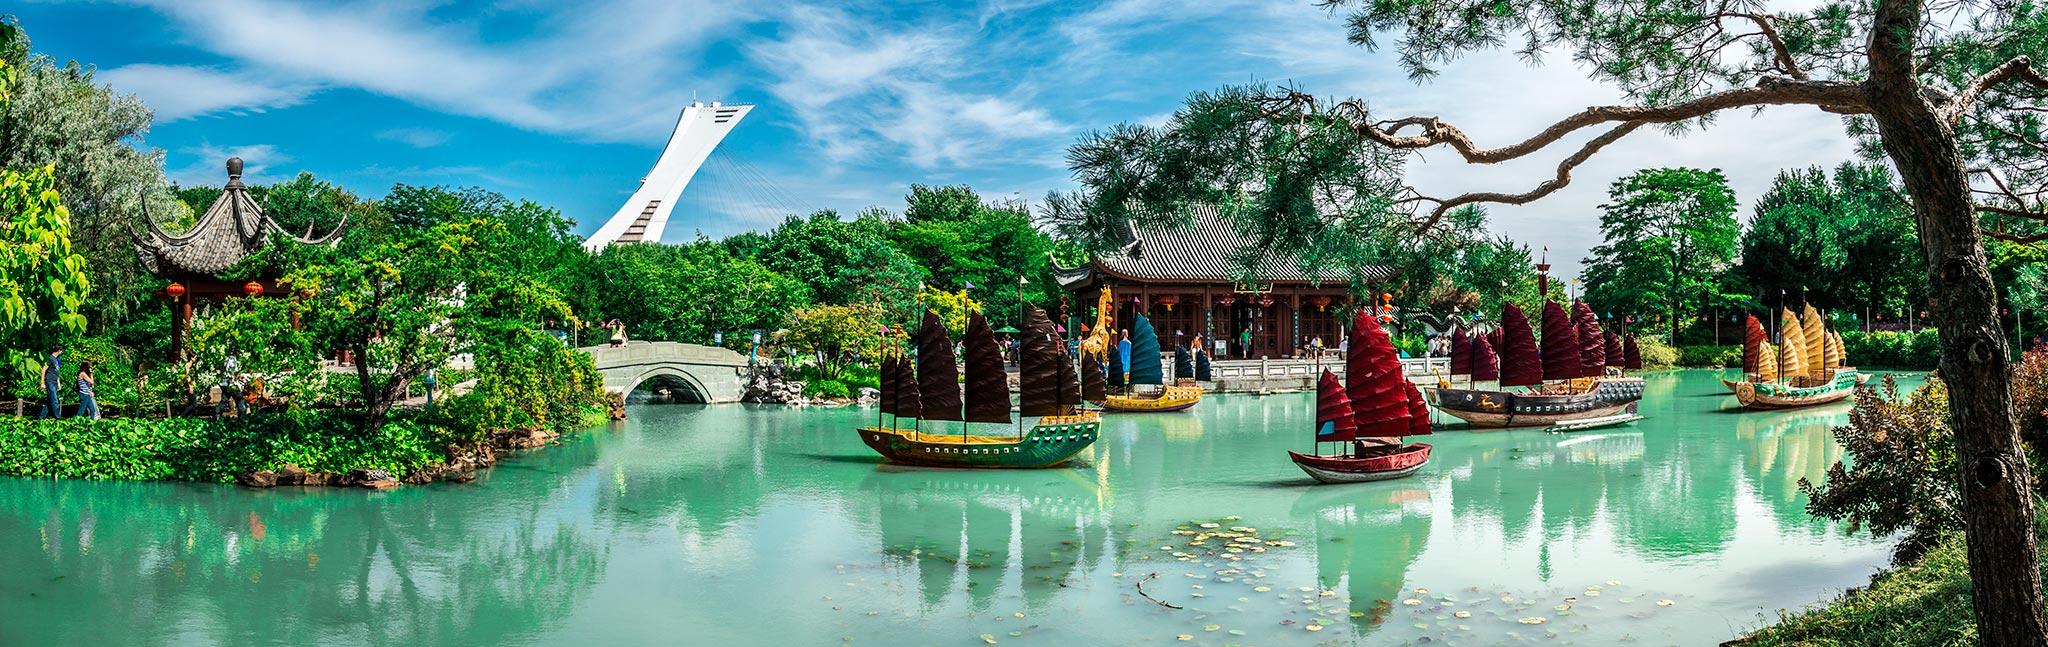 20 lieux symboliques visiter montr al for Jardin botanique montreal 2016